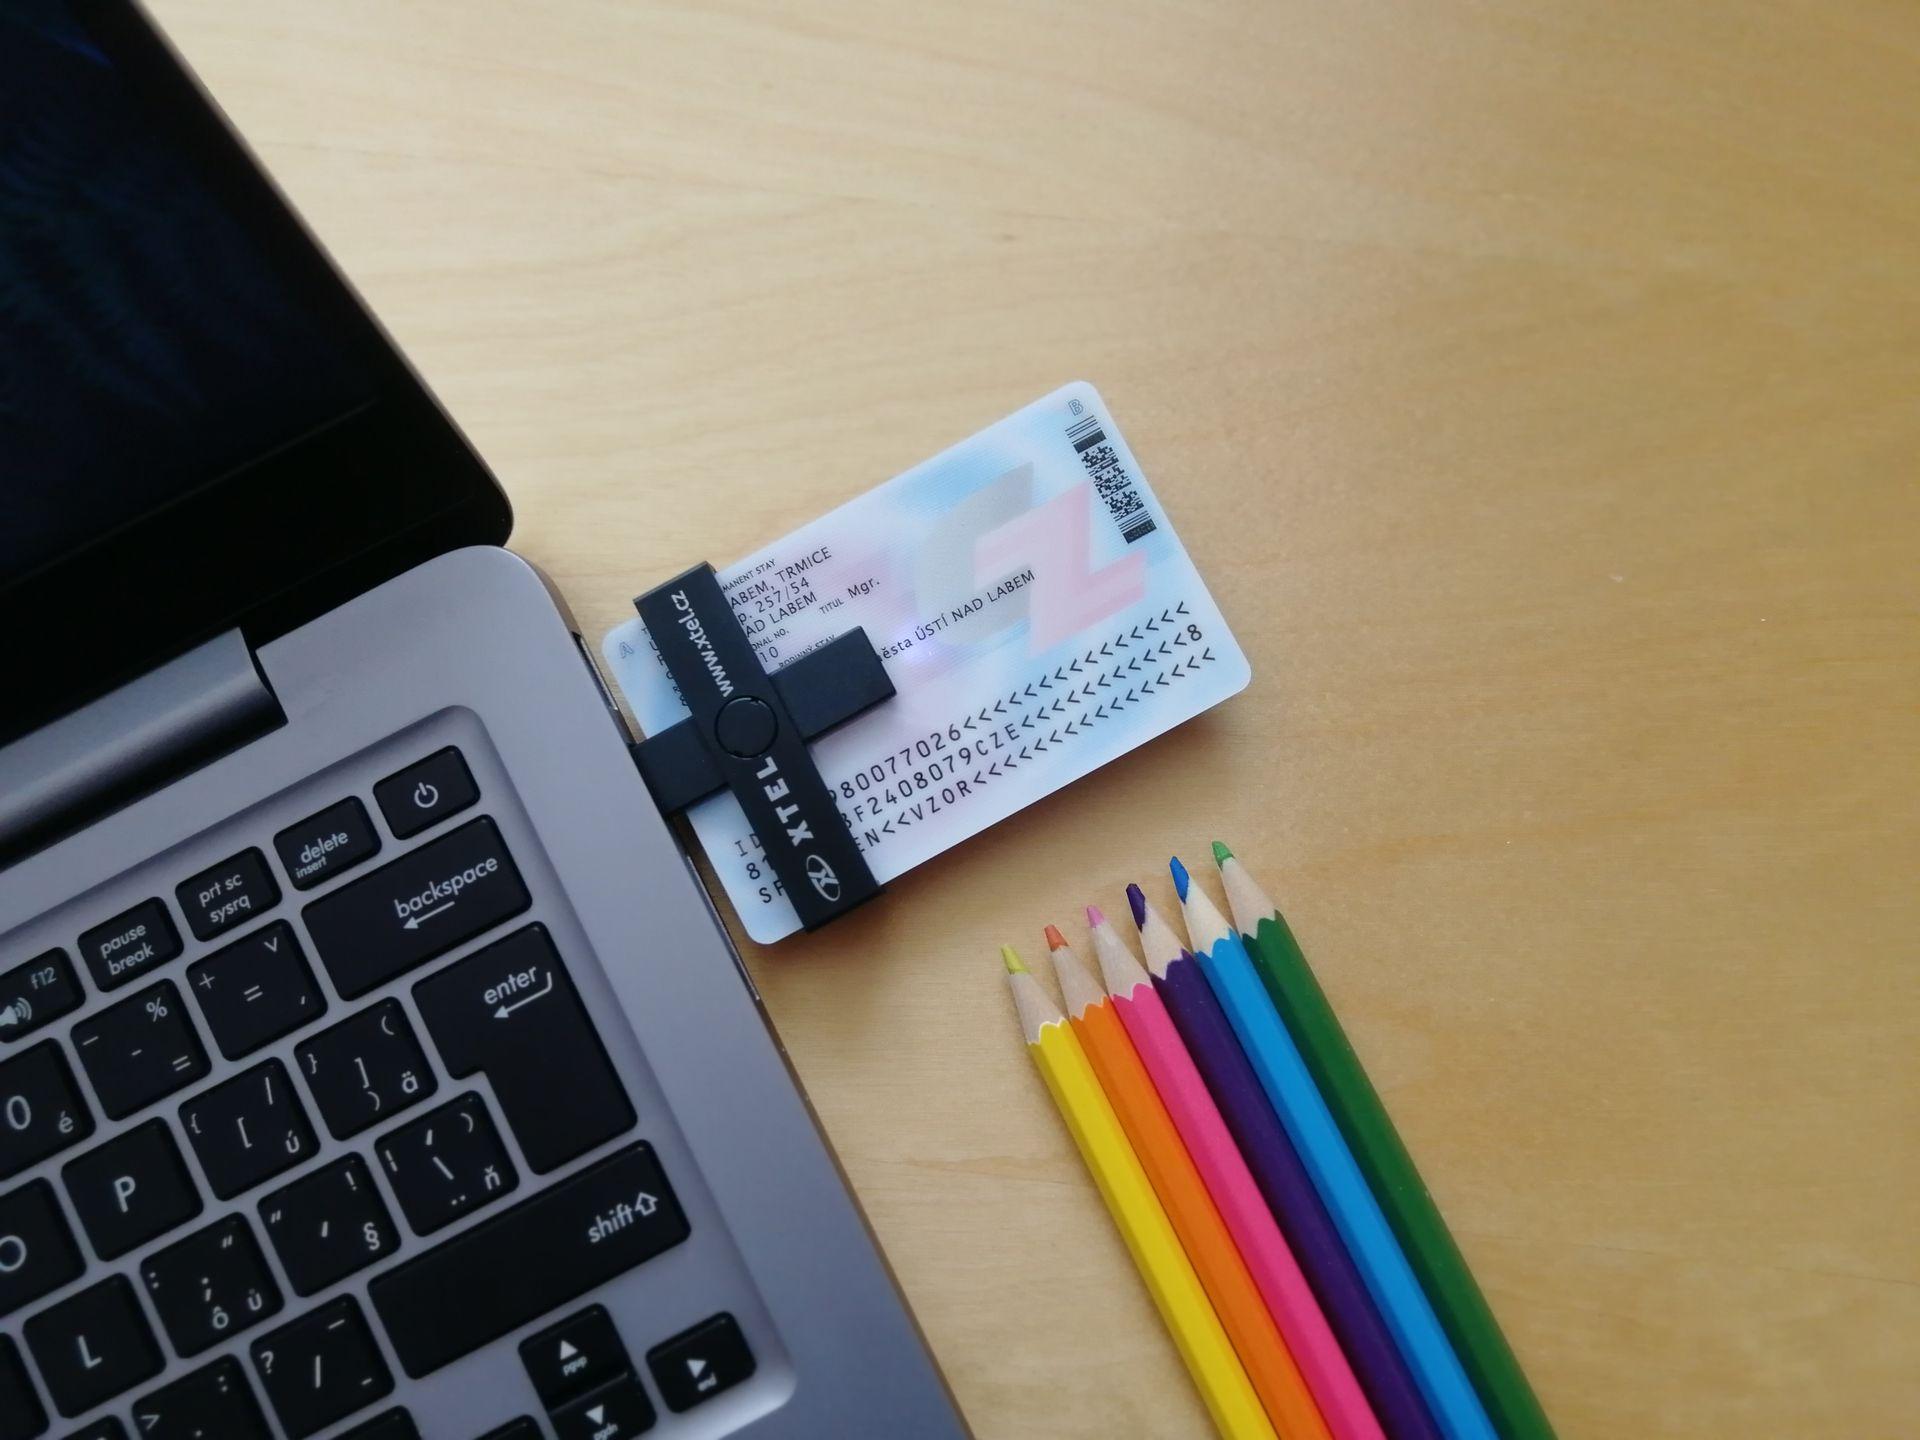 Čtečka pro eObčanku a ID karty - XTEL